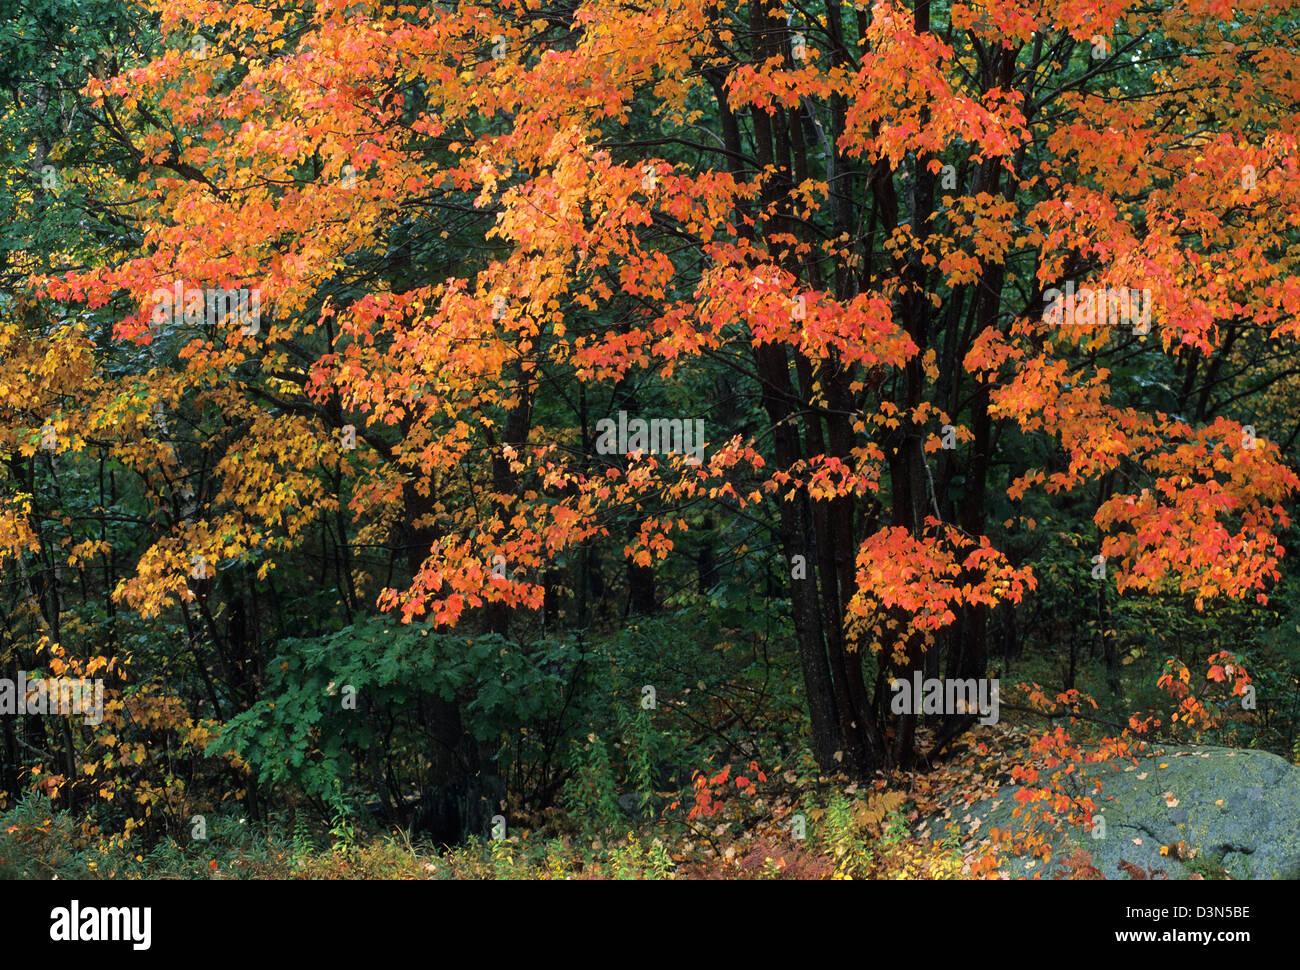 Elk282-2236 Maine, Acadia National Park, autumn foliage - Stock Image